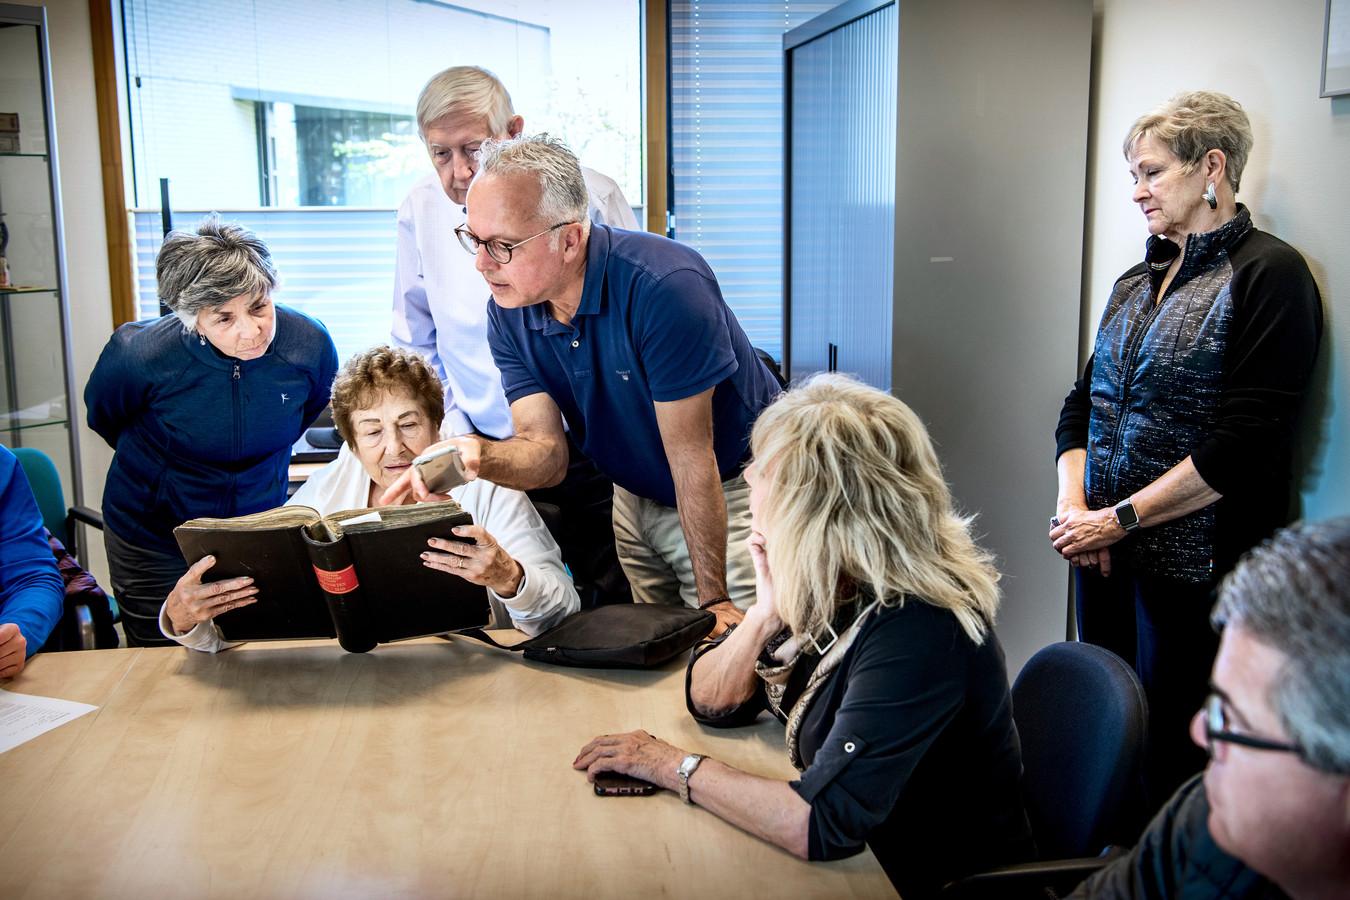 'Unbelievable' De hele familie wil die stokoude archiefstukken met eigen ogen zien.